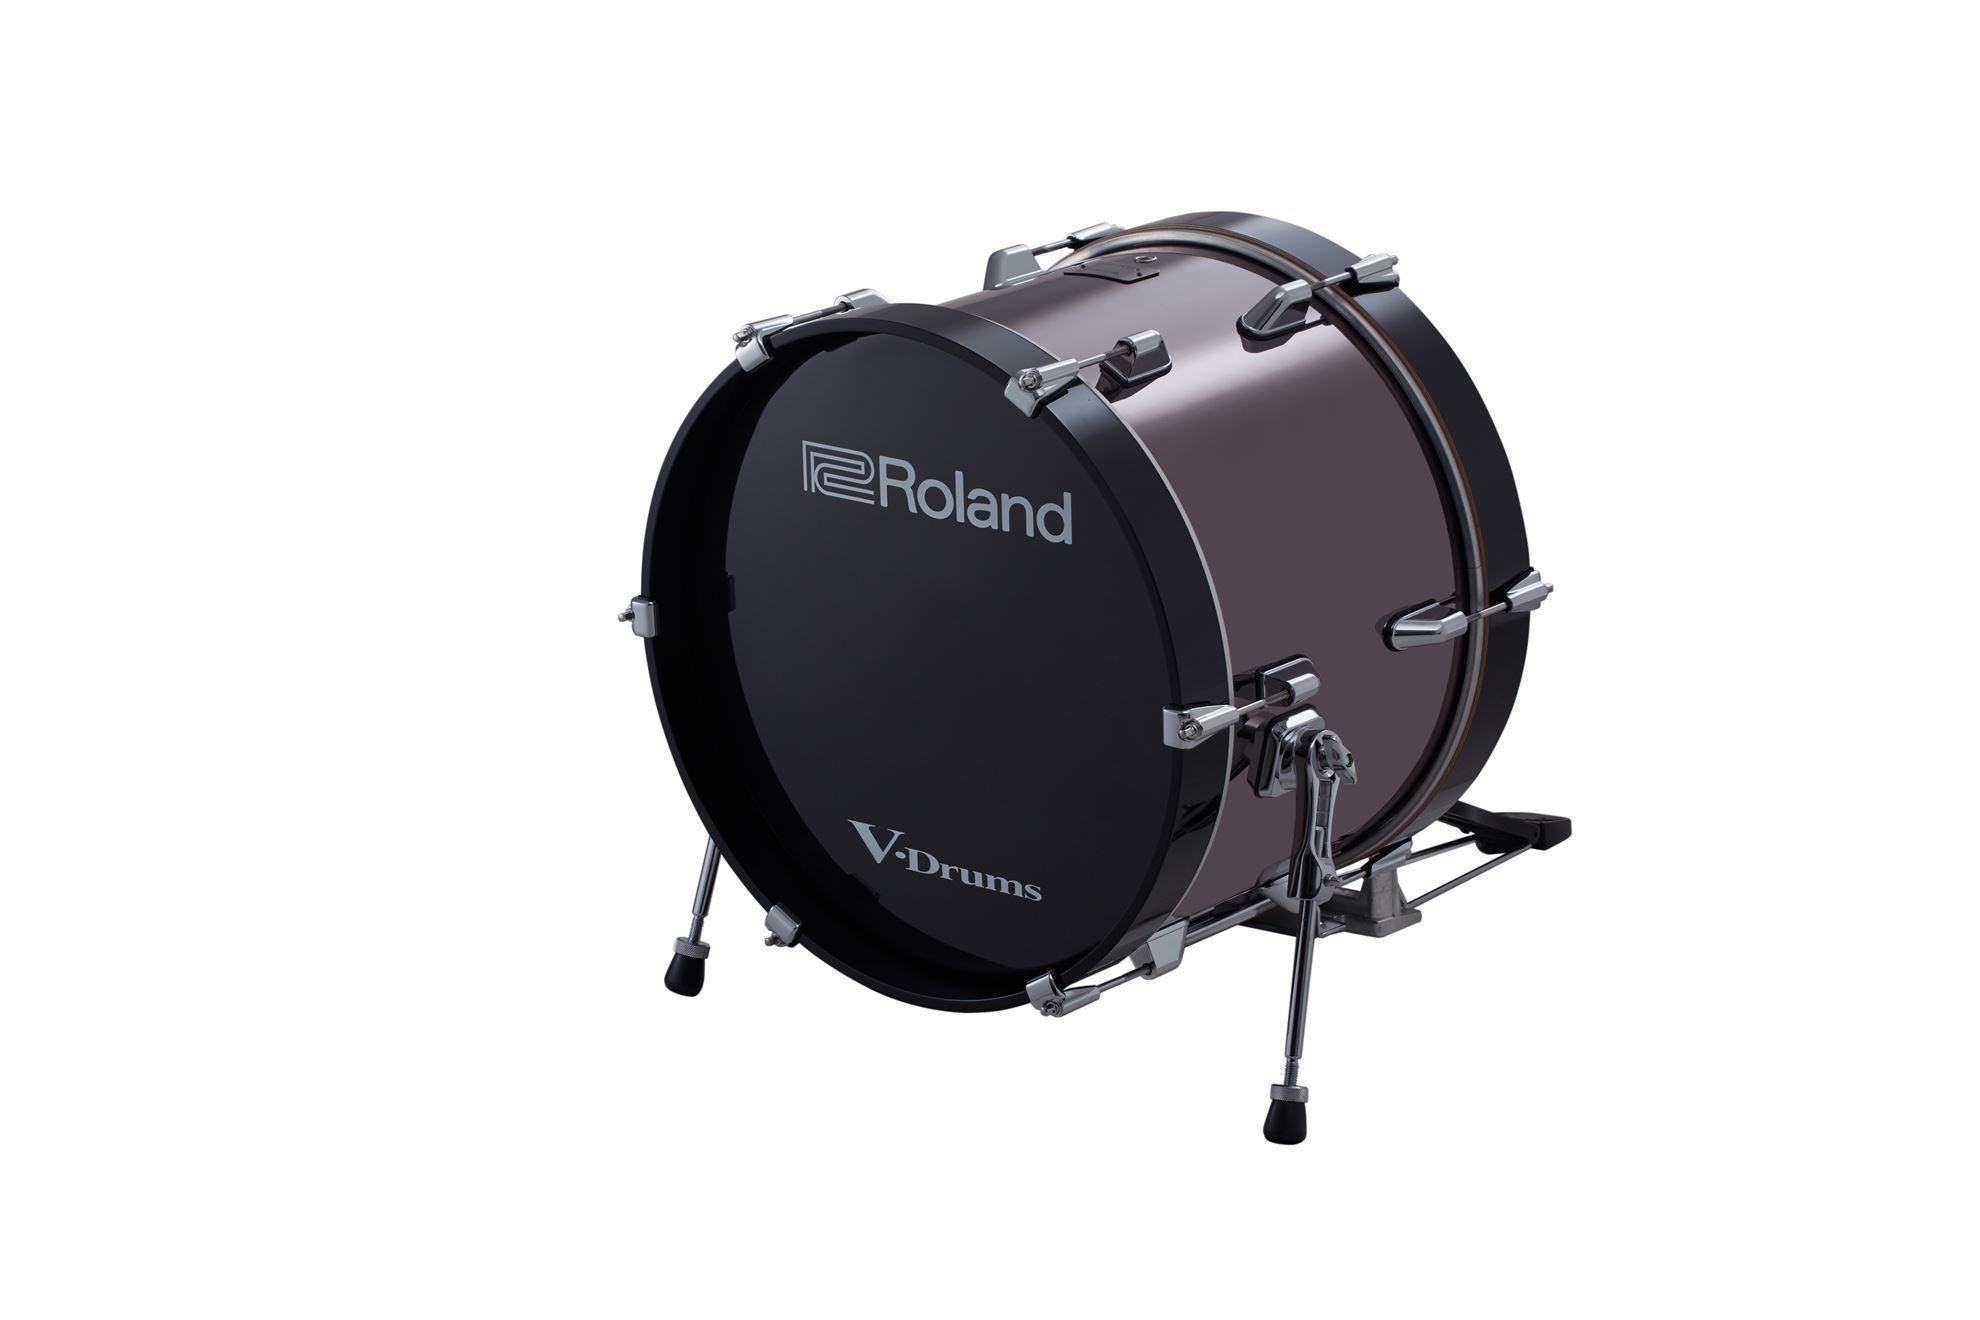 roland td 25kvx v drums electronic drum kit td25kvx perth mega music online. Black Bedroom Furniture Sets. Home Design Ideas